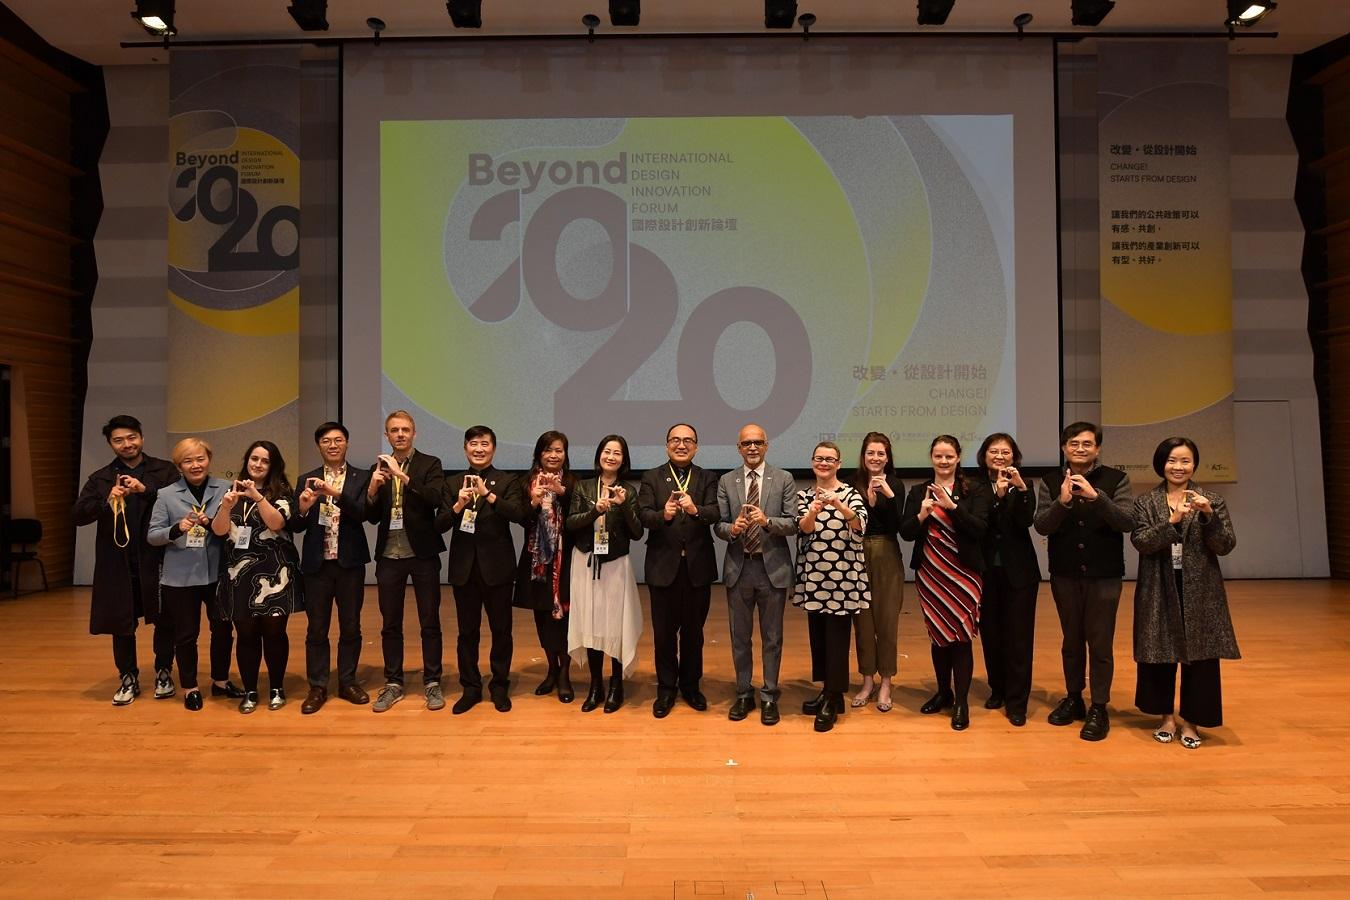 國際設計創新論壇開幕典禮 全球頂尖設計智庫共同簽署國際設計合作備忘錄